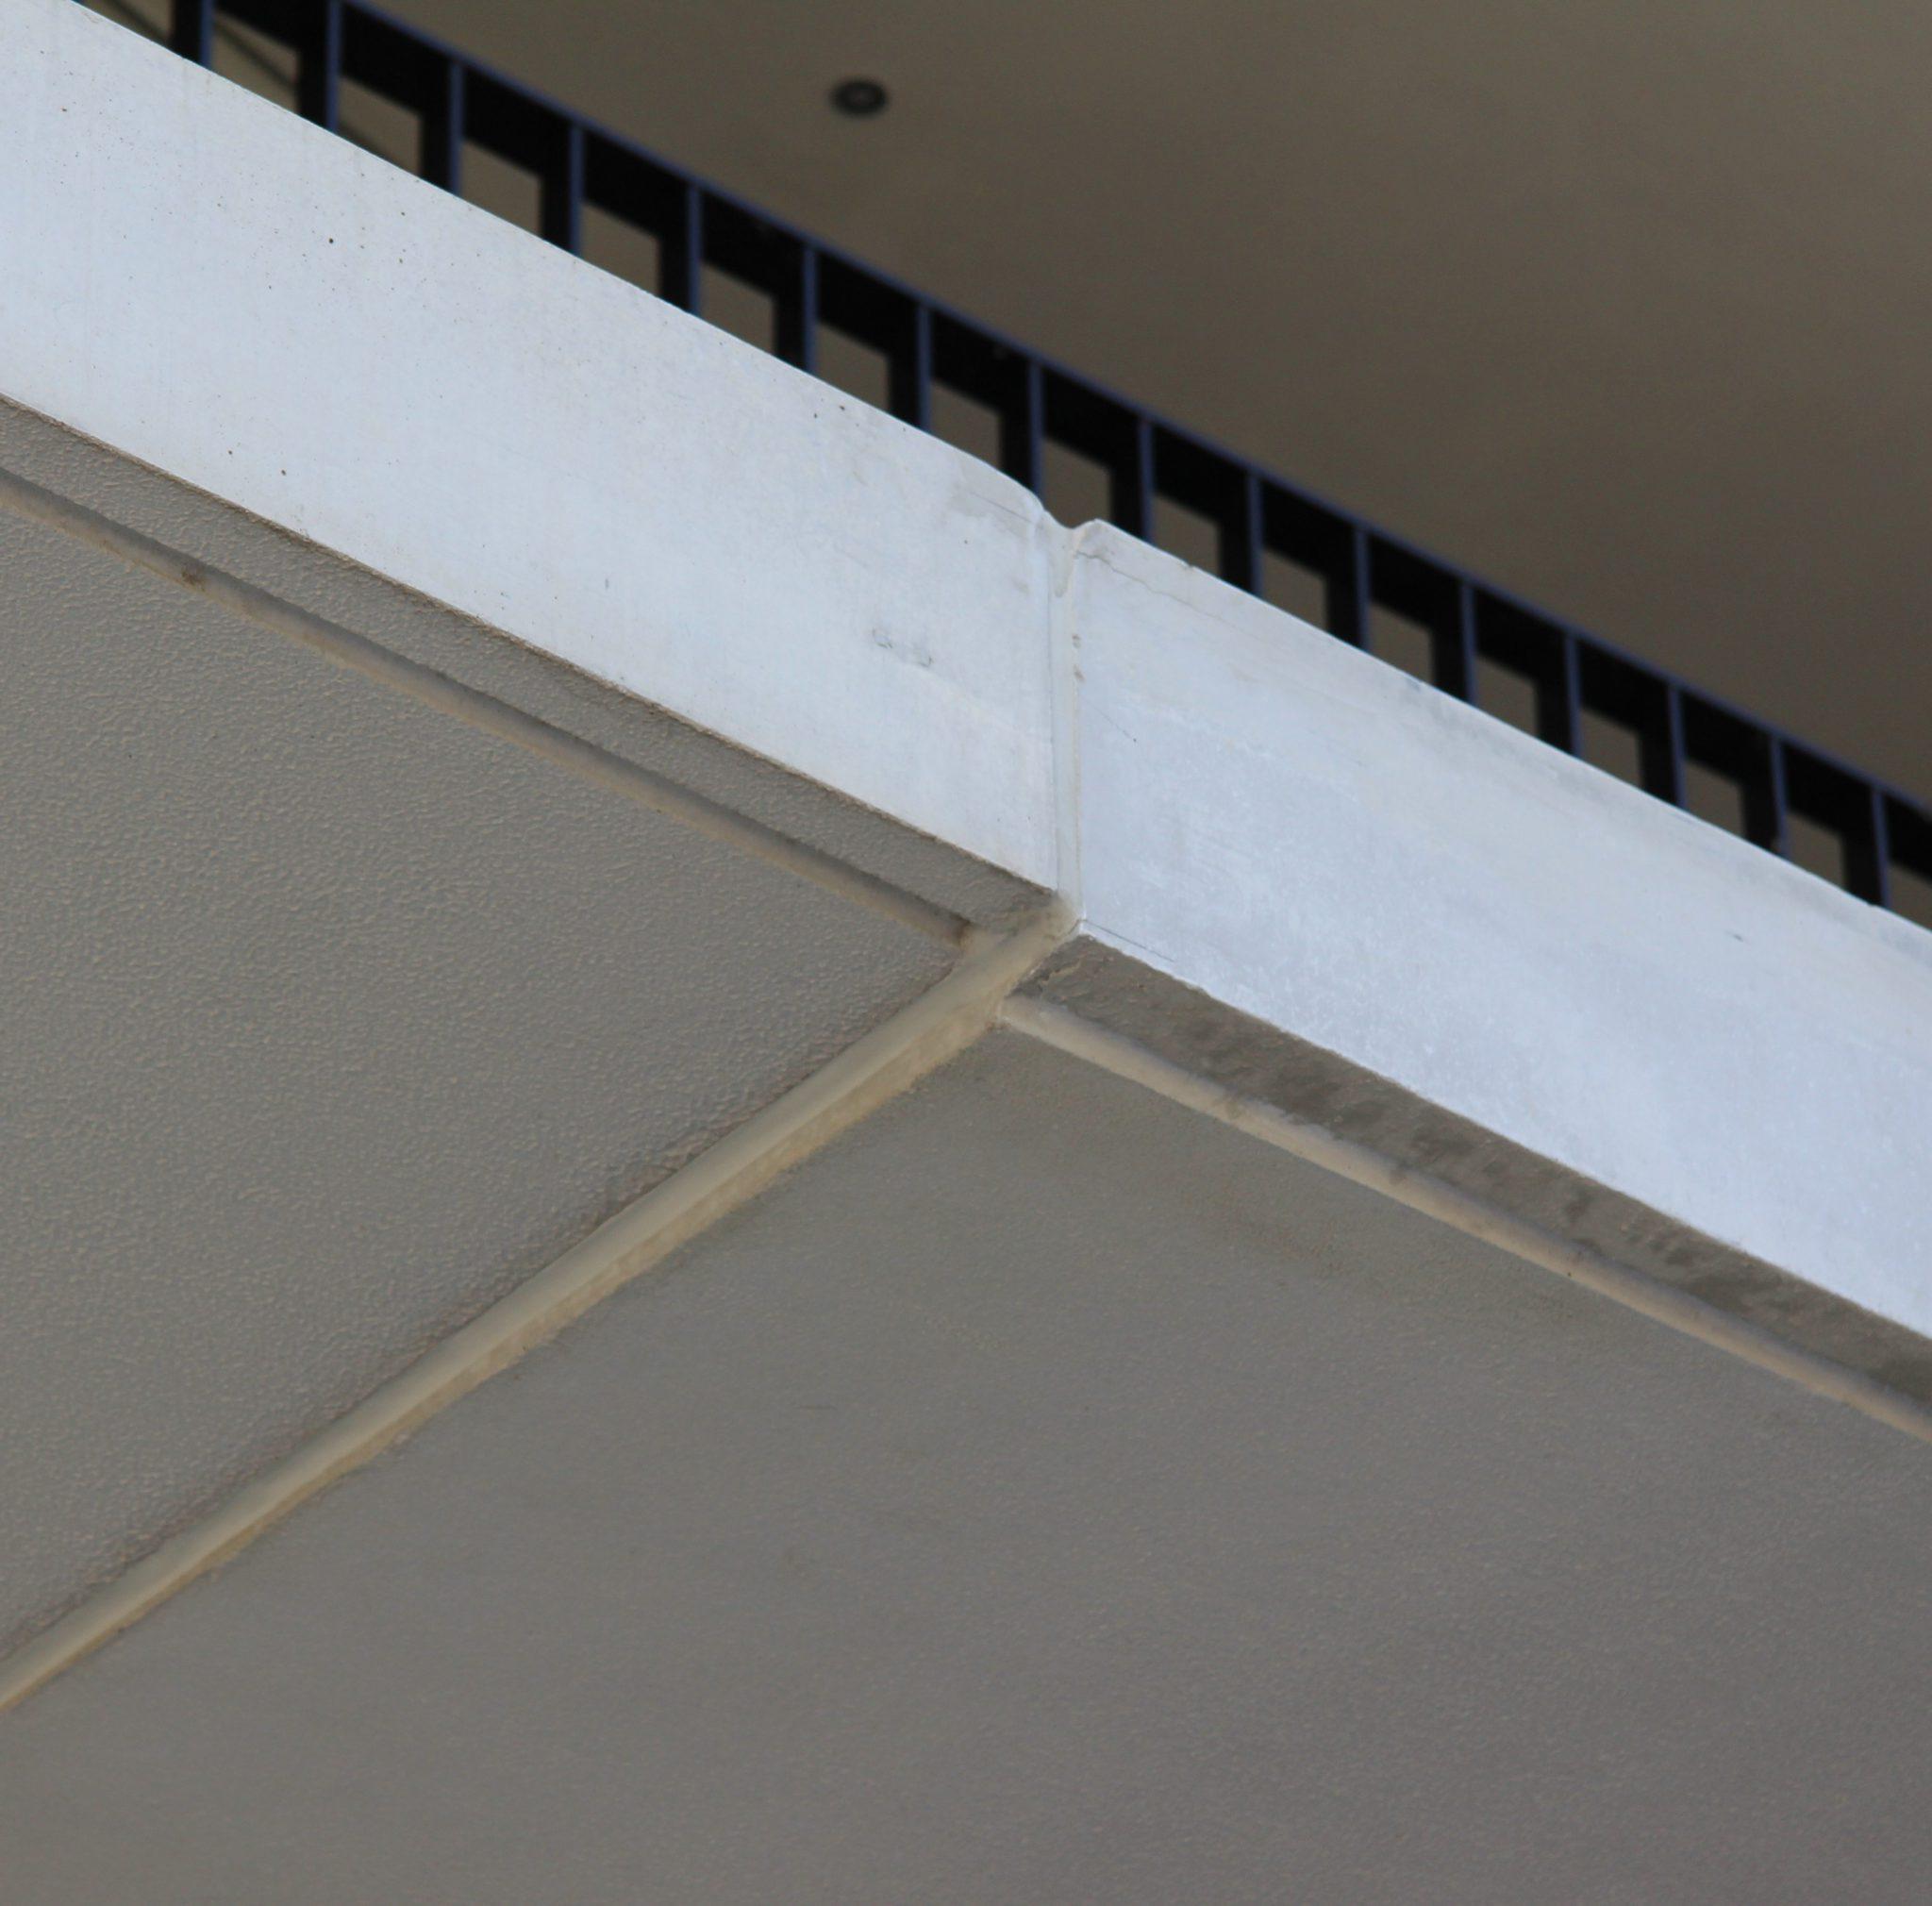 Bouwfout verschil in betonwerk